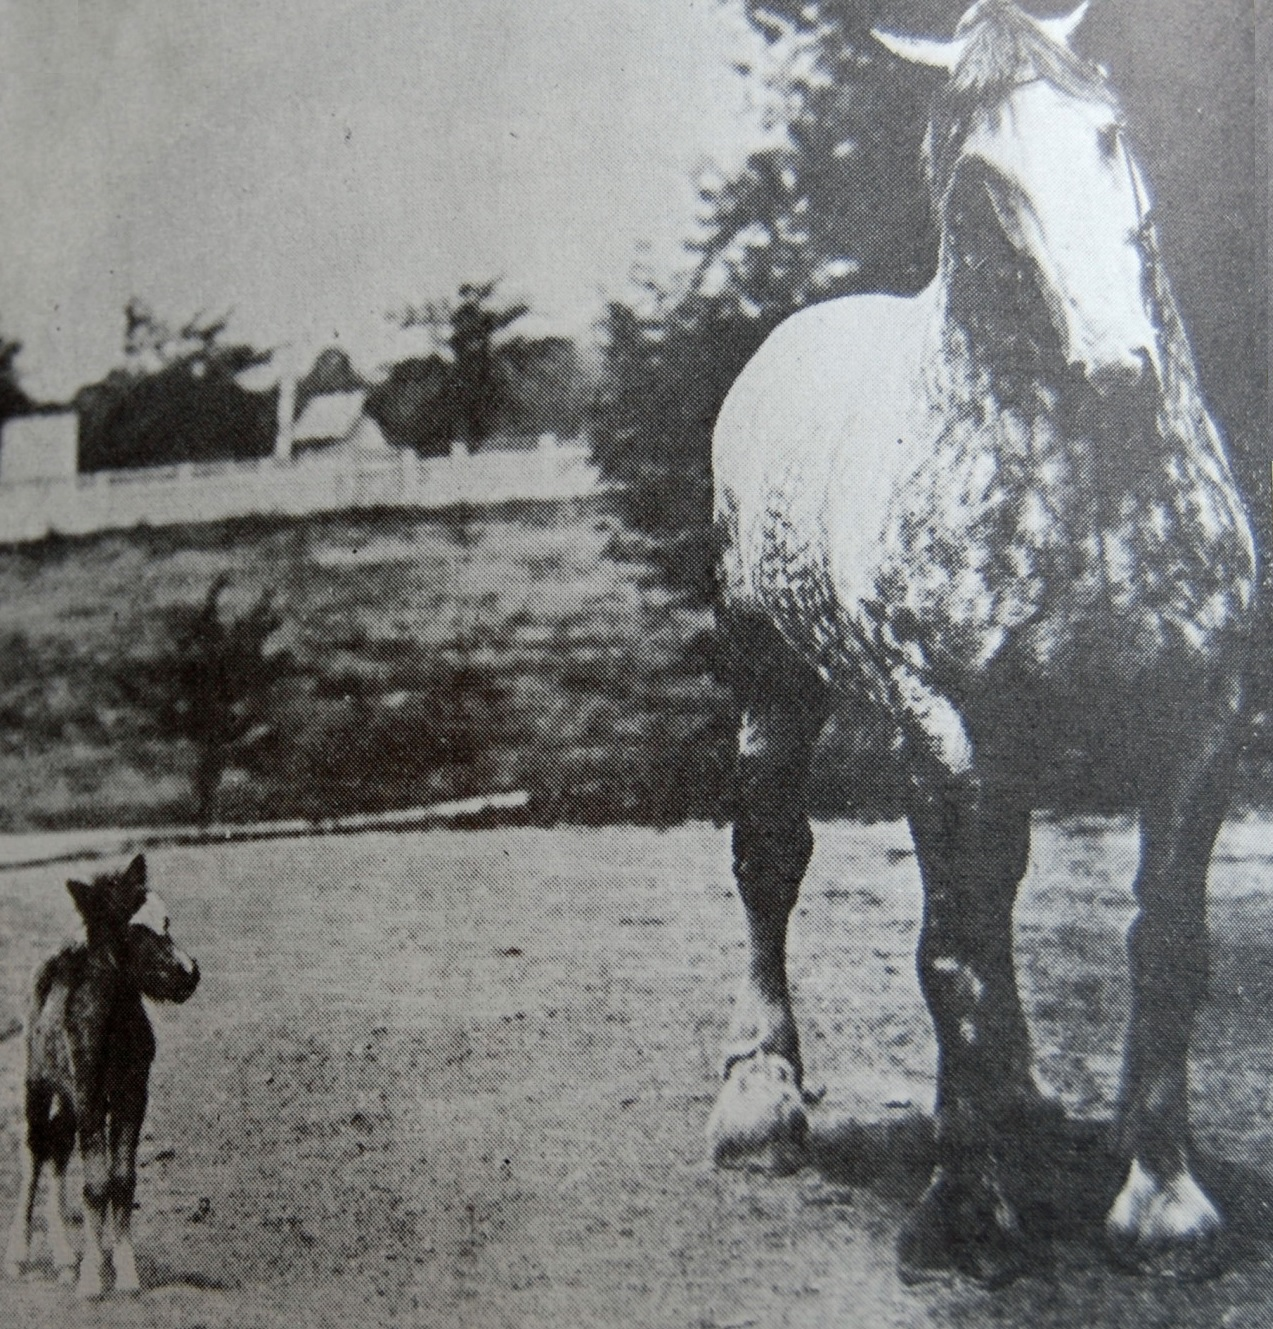 Giant draft horse and tiny baby Shetland pony horse